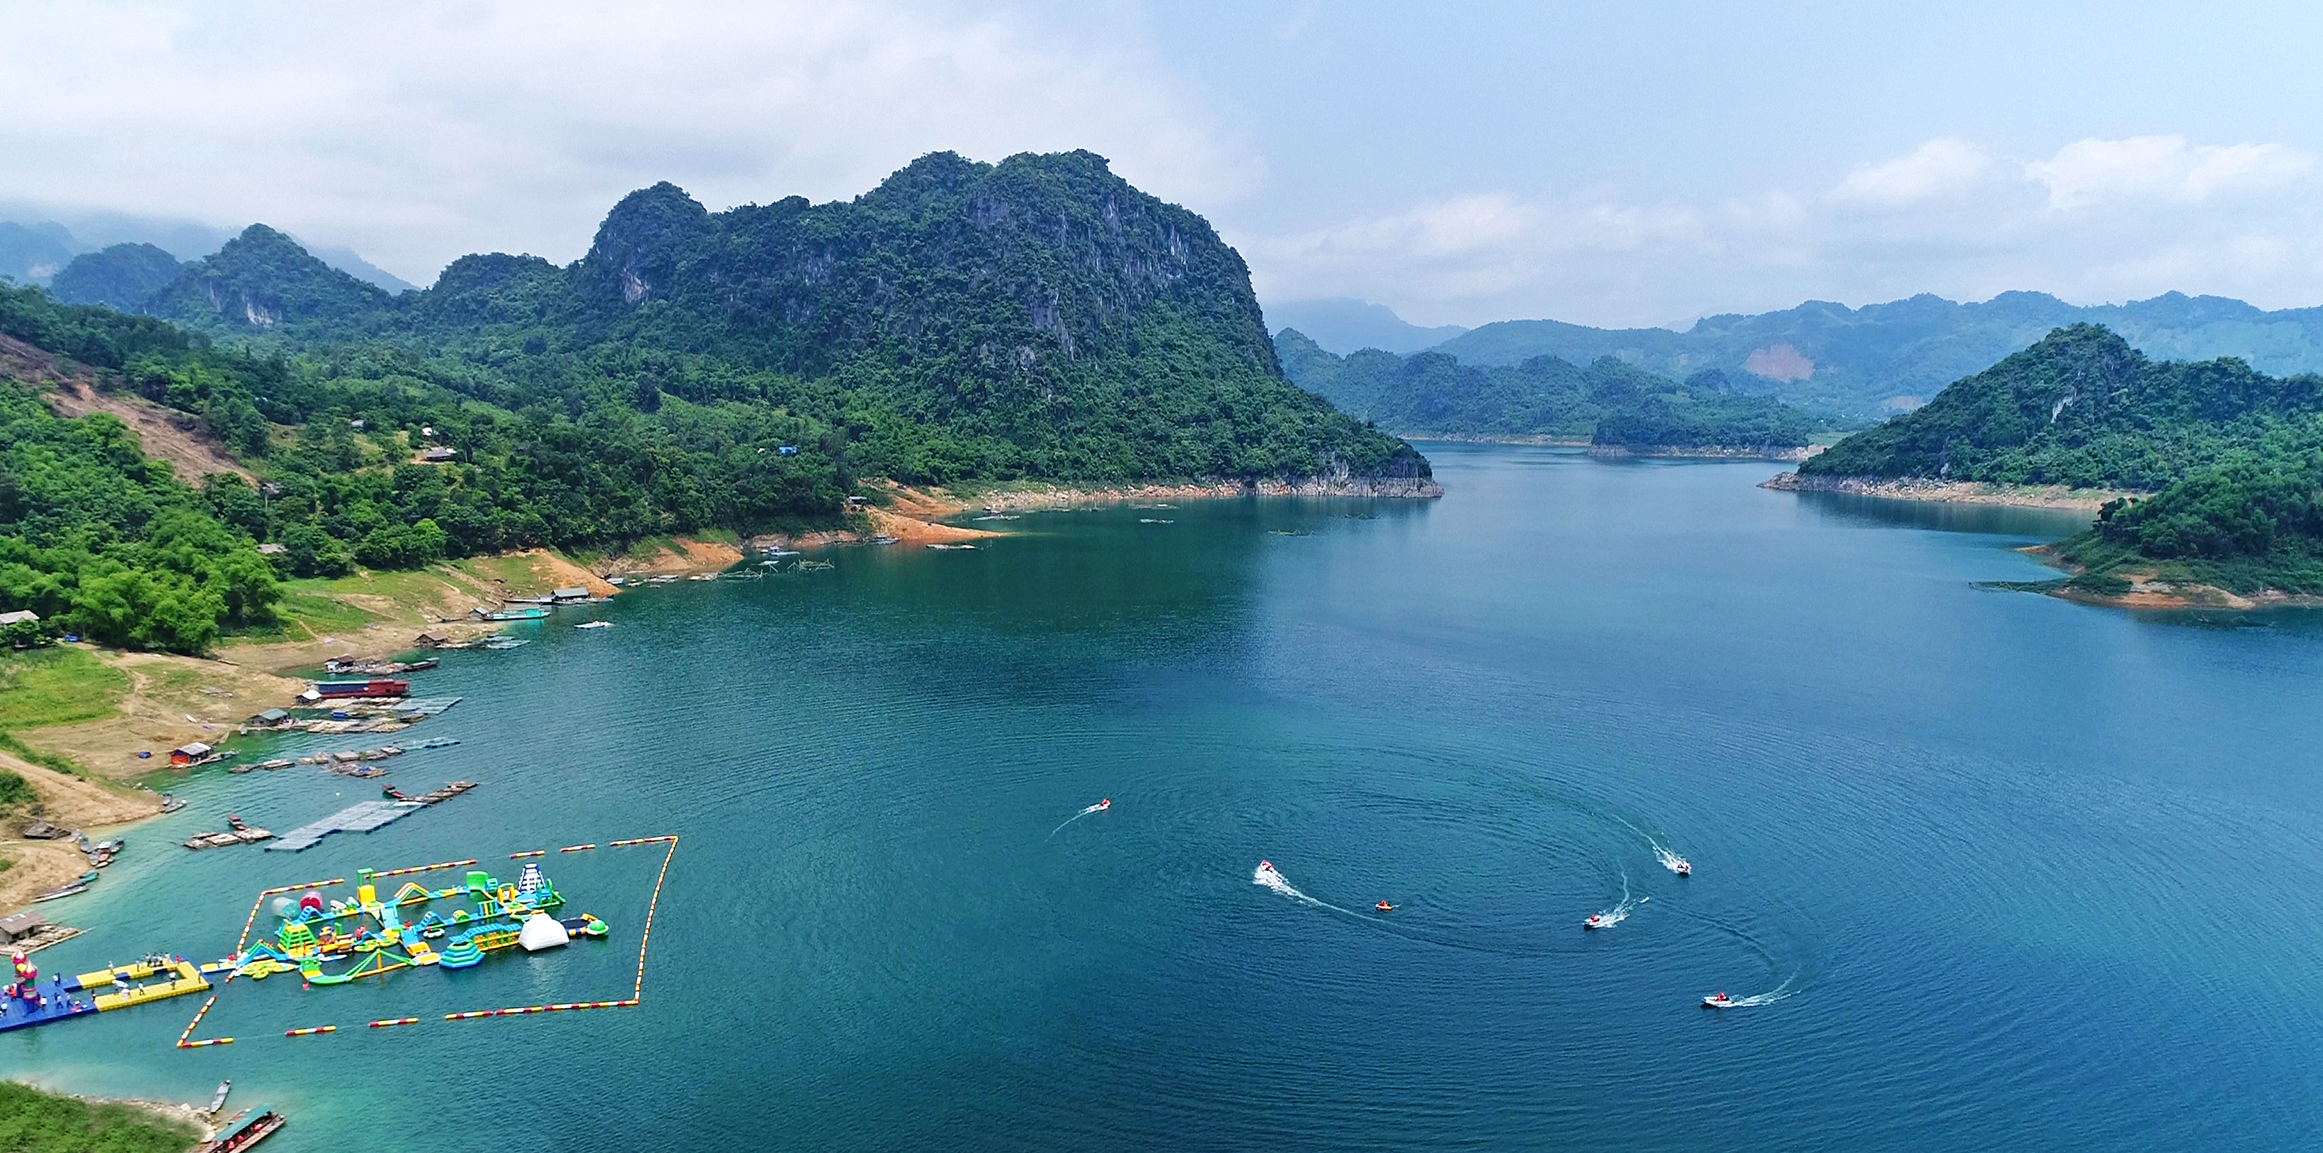 Khu du lịch Quốc gia Hồ Hòa Bình: Điểm tham quan du lịch lý tưởng của du  khách